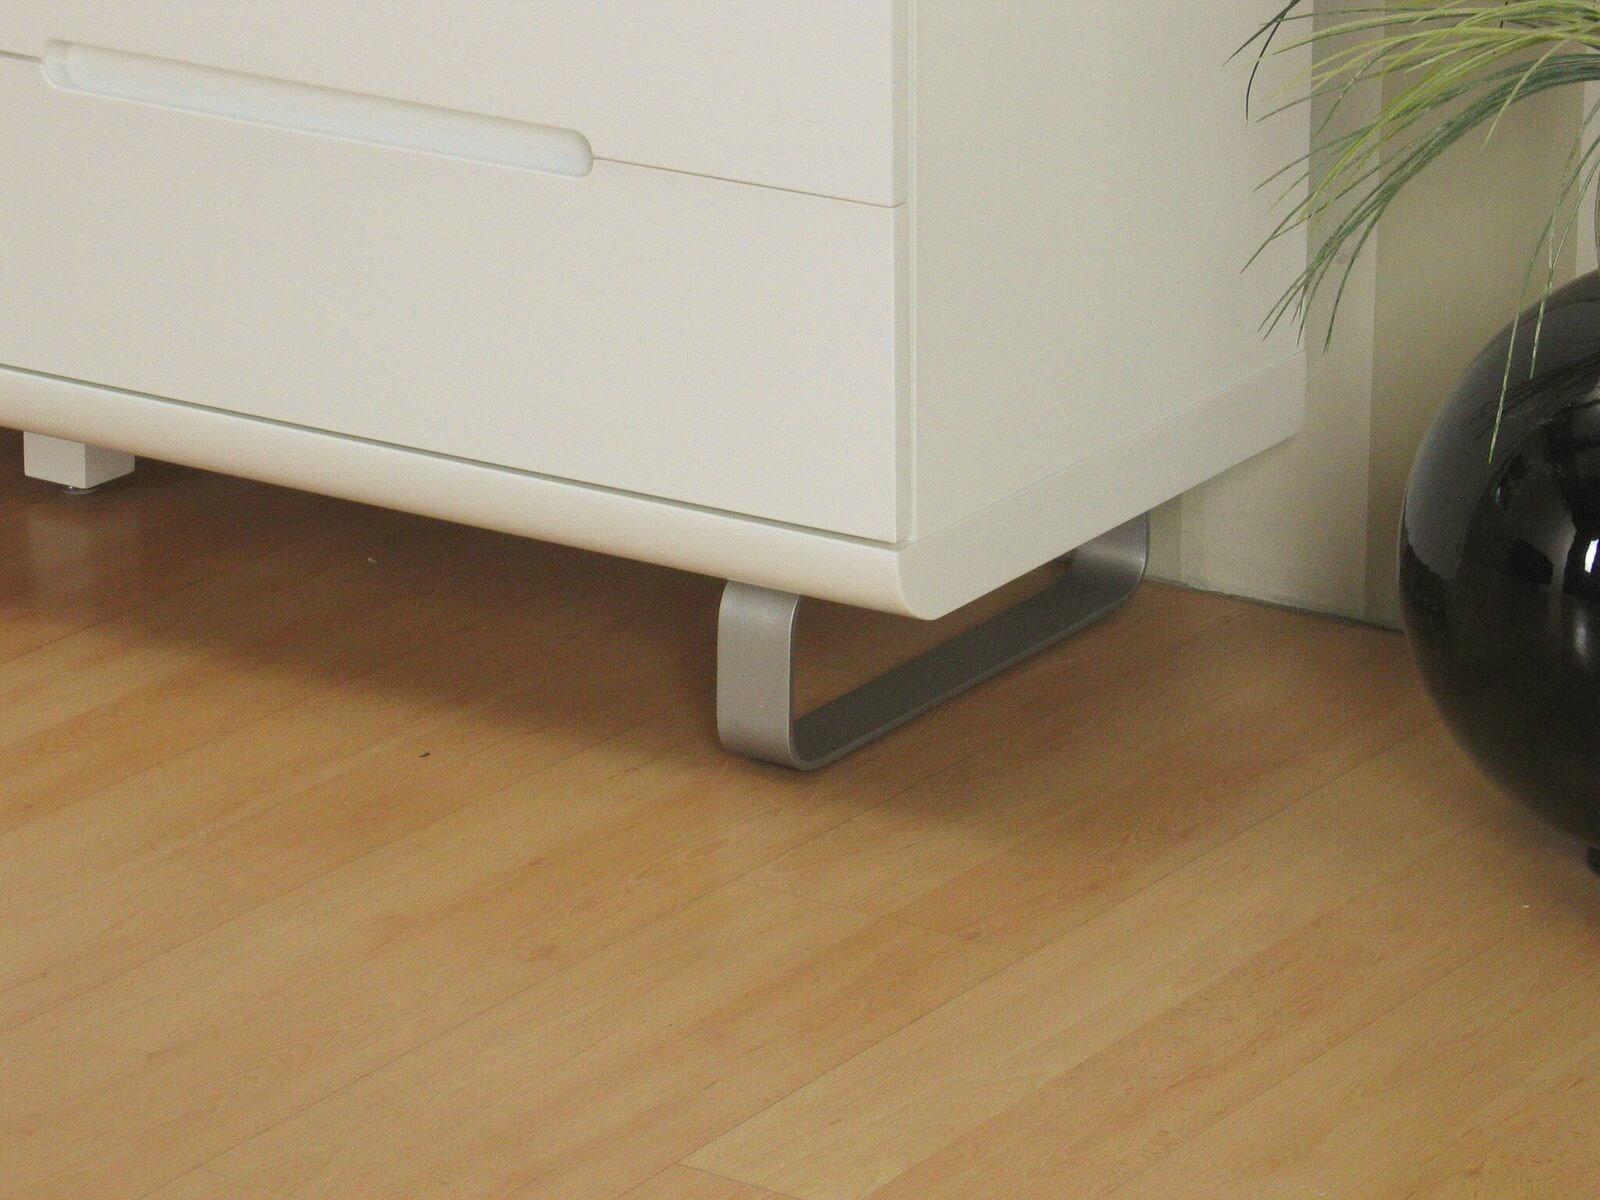 kommode spacy hochglanz wei sideboard schubladen schrank highboard m bel wohnen wohnzimmer. Black Bedroom Furniture Sets. Home Design Ideas